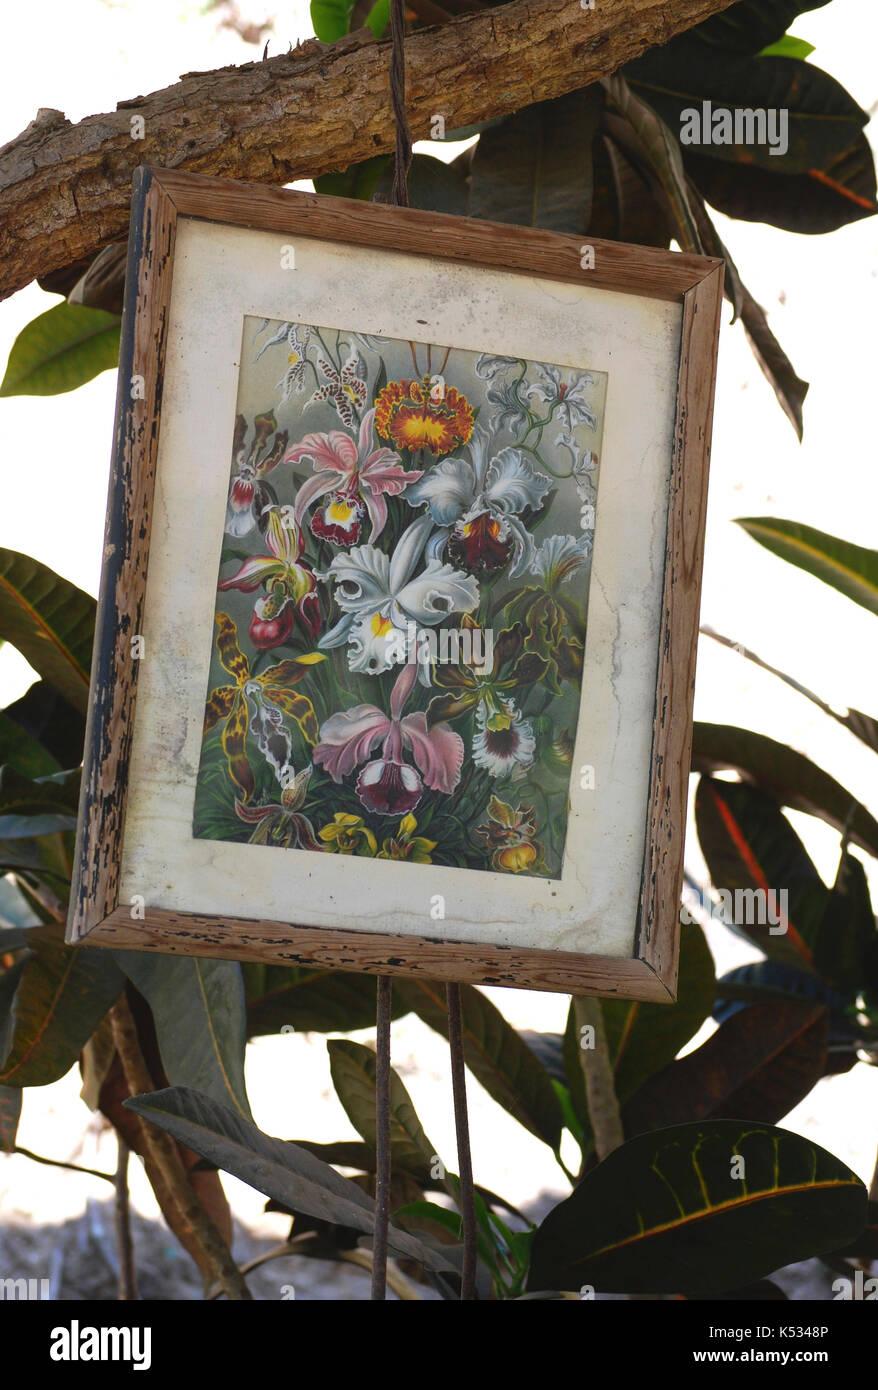 Botanical Print Imágenes De Stock & Botanical Print Fotos De Stock ...